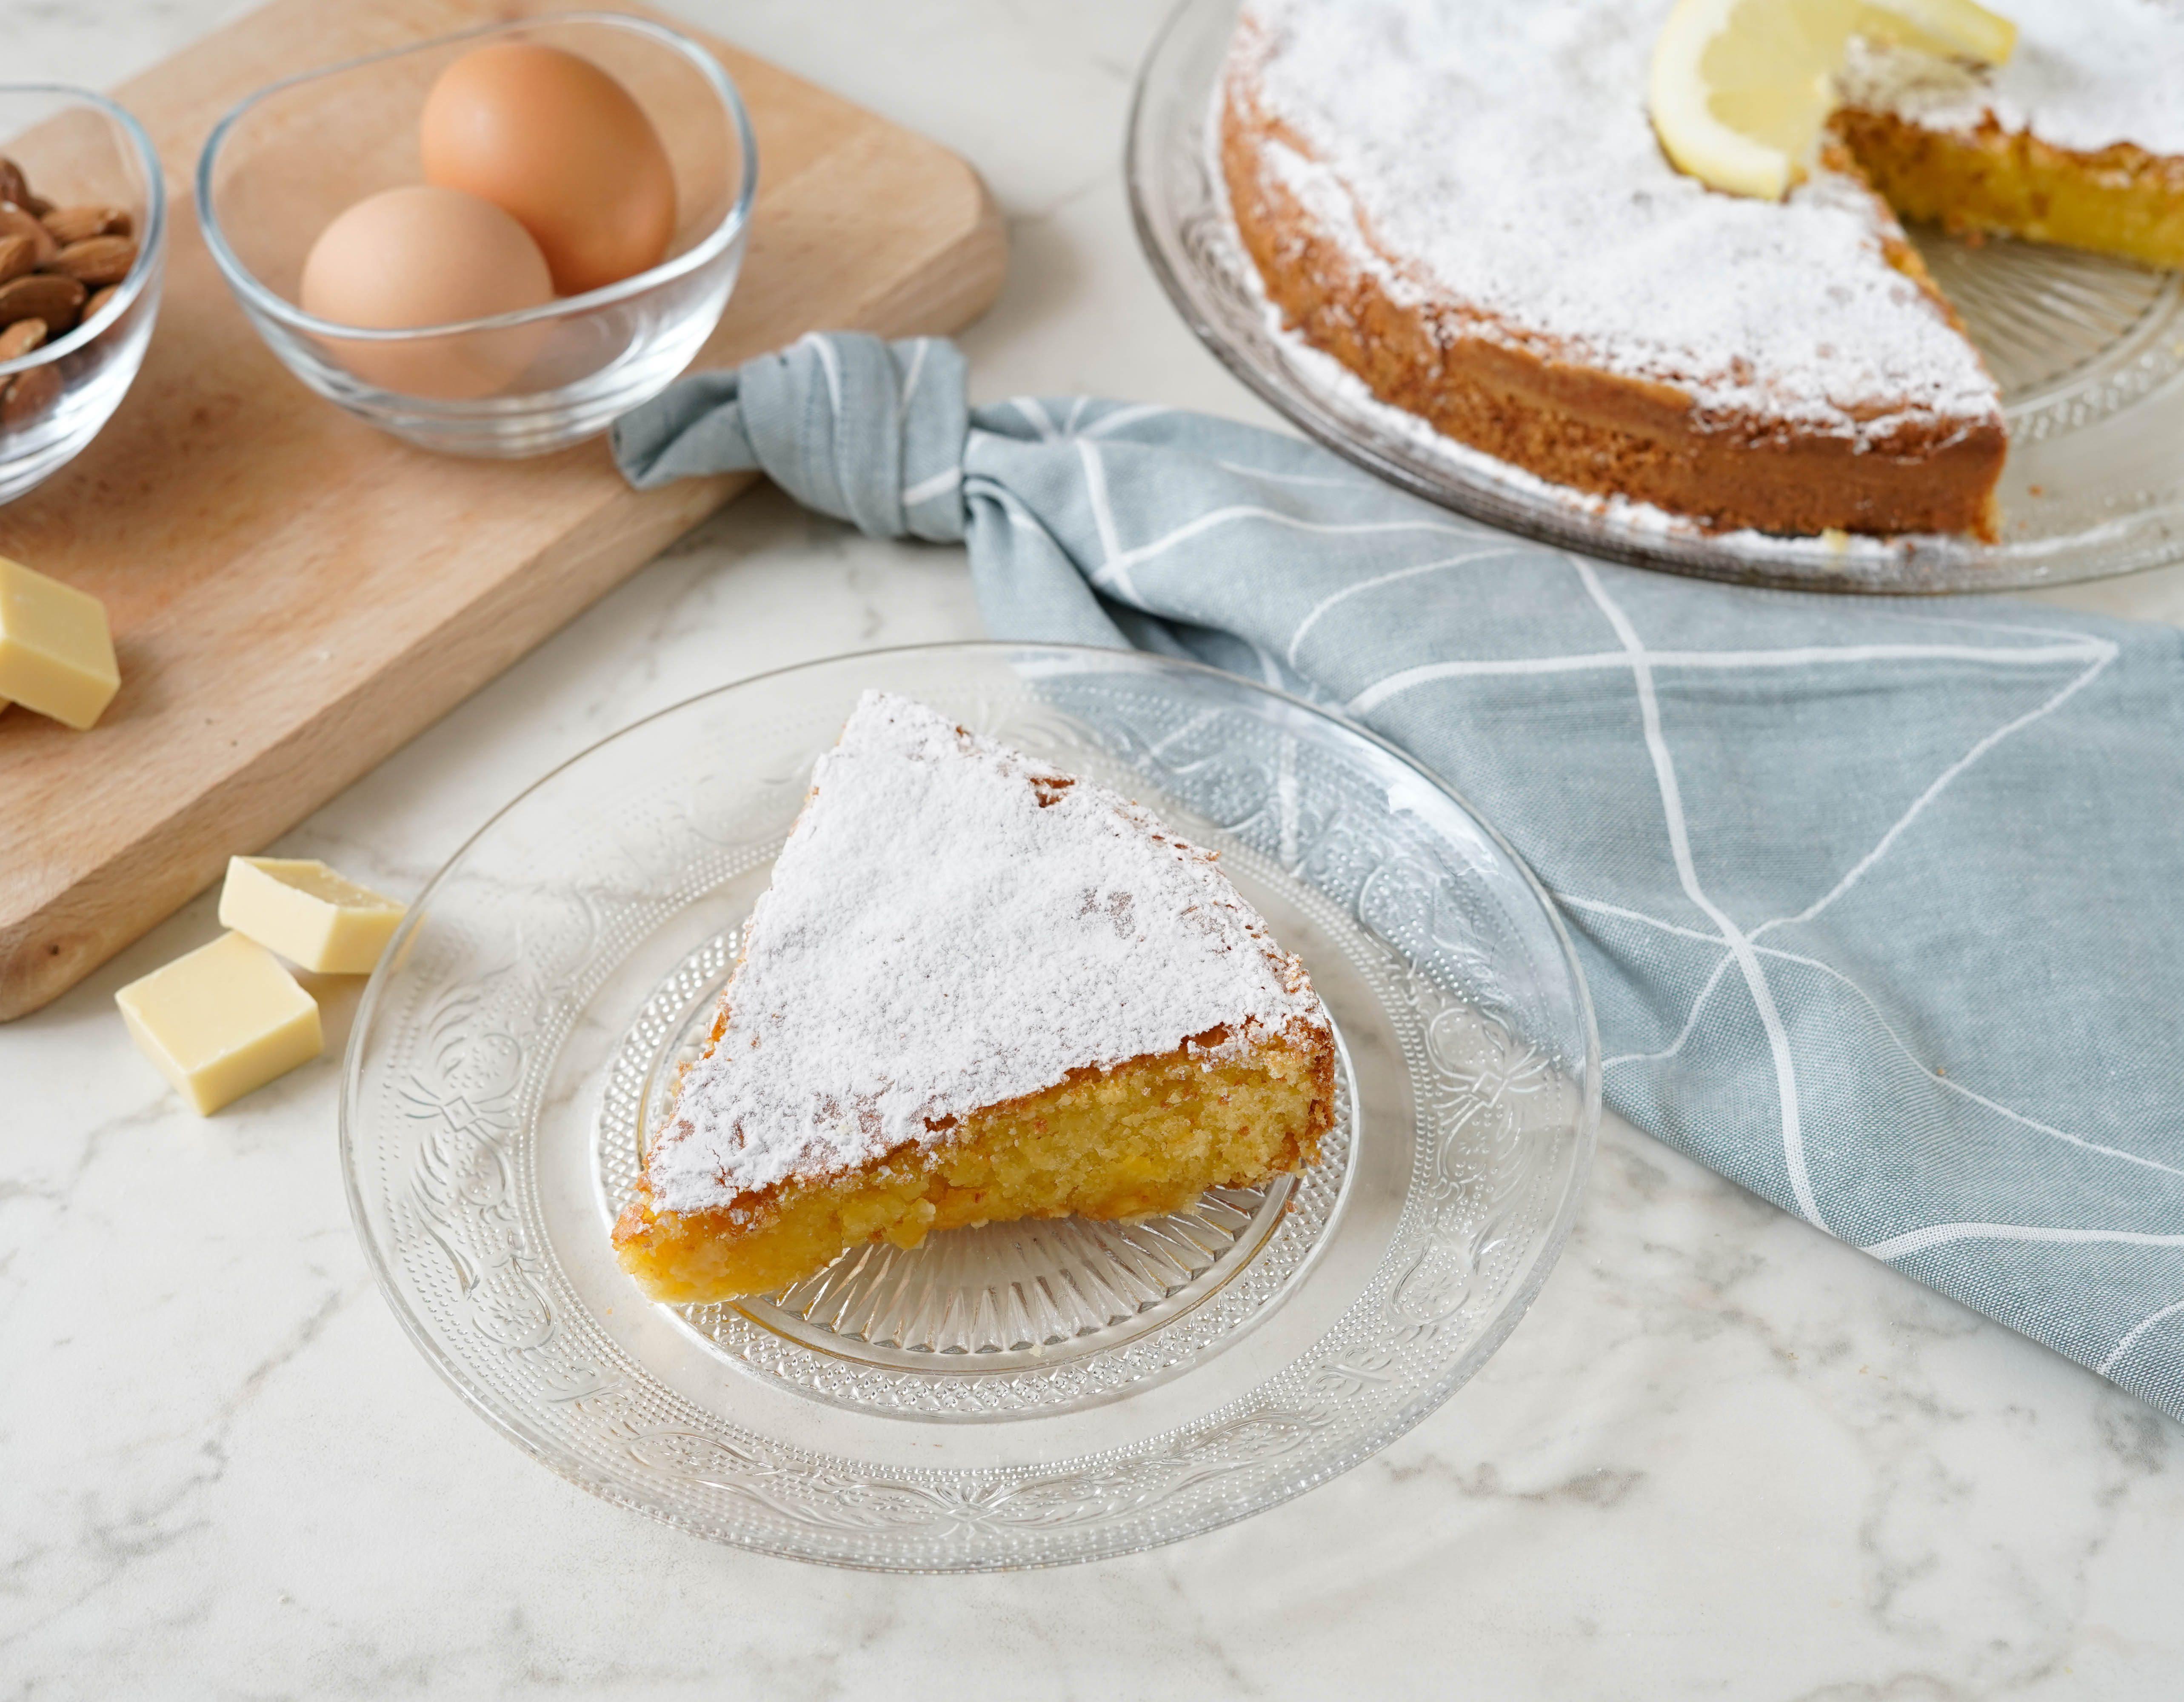 Caprese al limone: la ricetta della variante fragrante e delicata